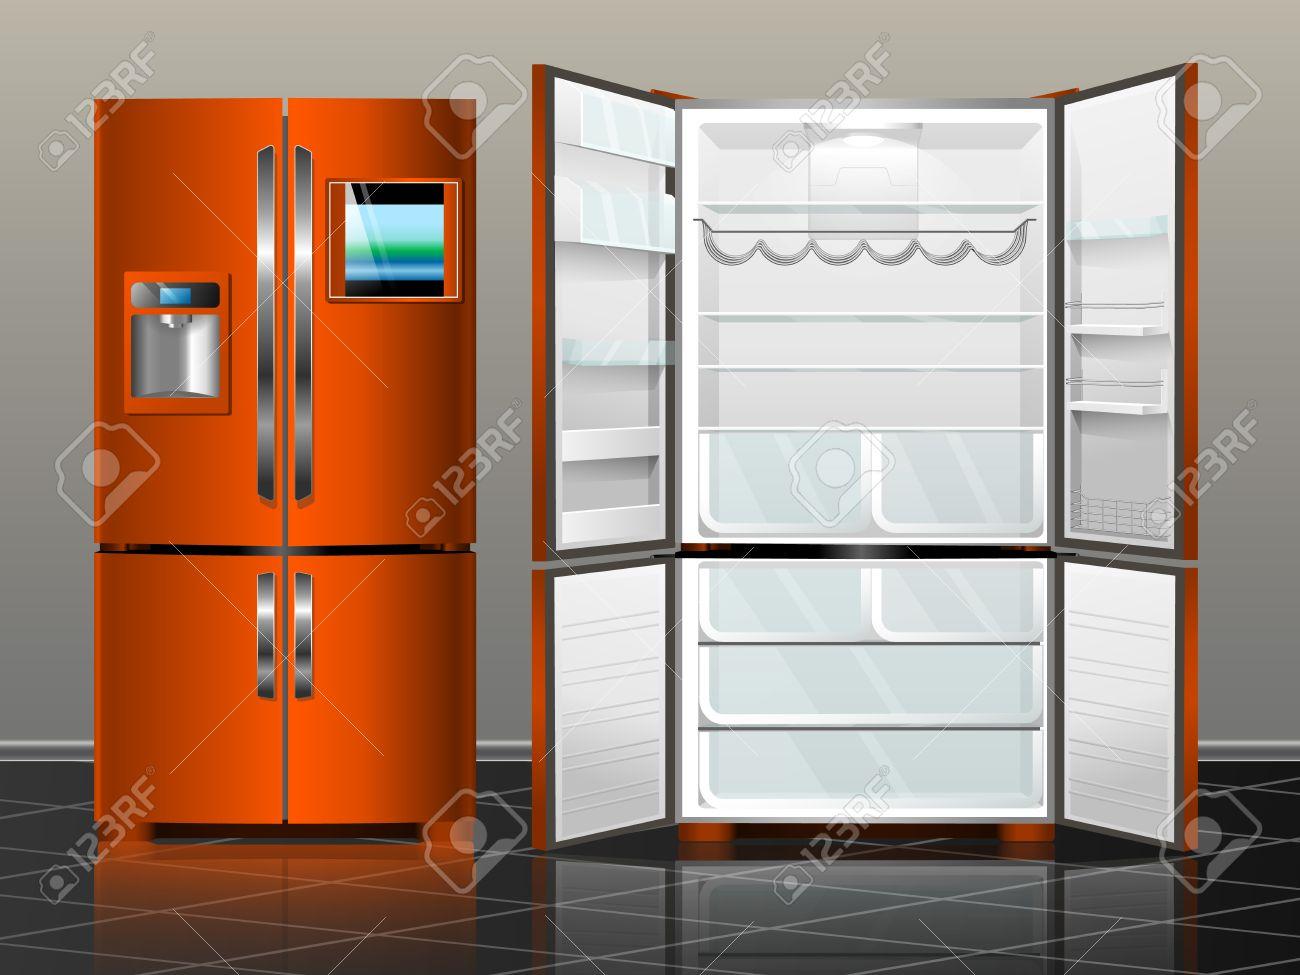 Retro Kühlschrank Orange : Ffnen kühlschrank mit gefrierfach geschlossen kühlschrank vektor